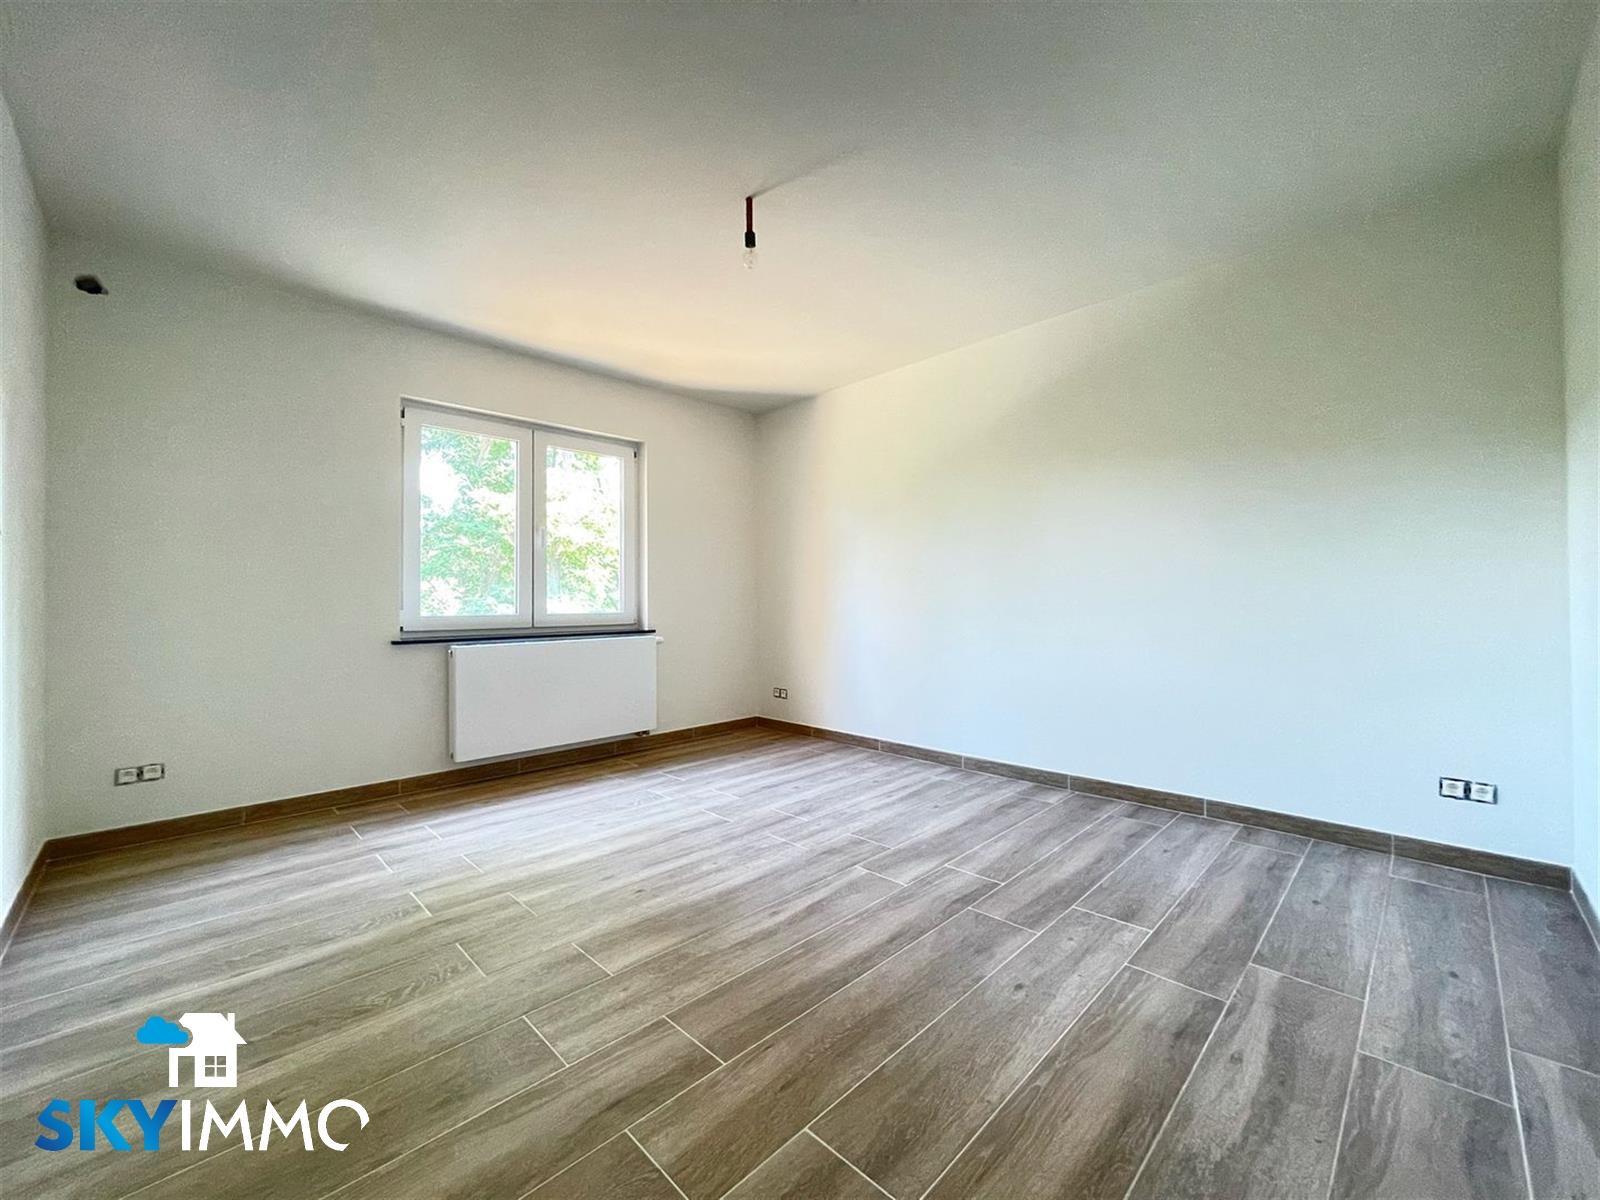 Appartement - Seraing - #4513087-10